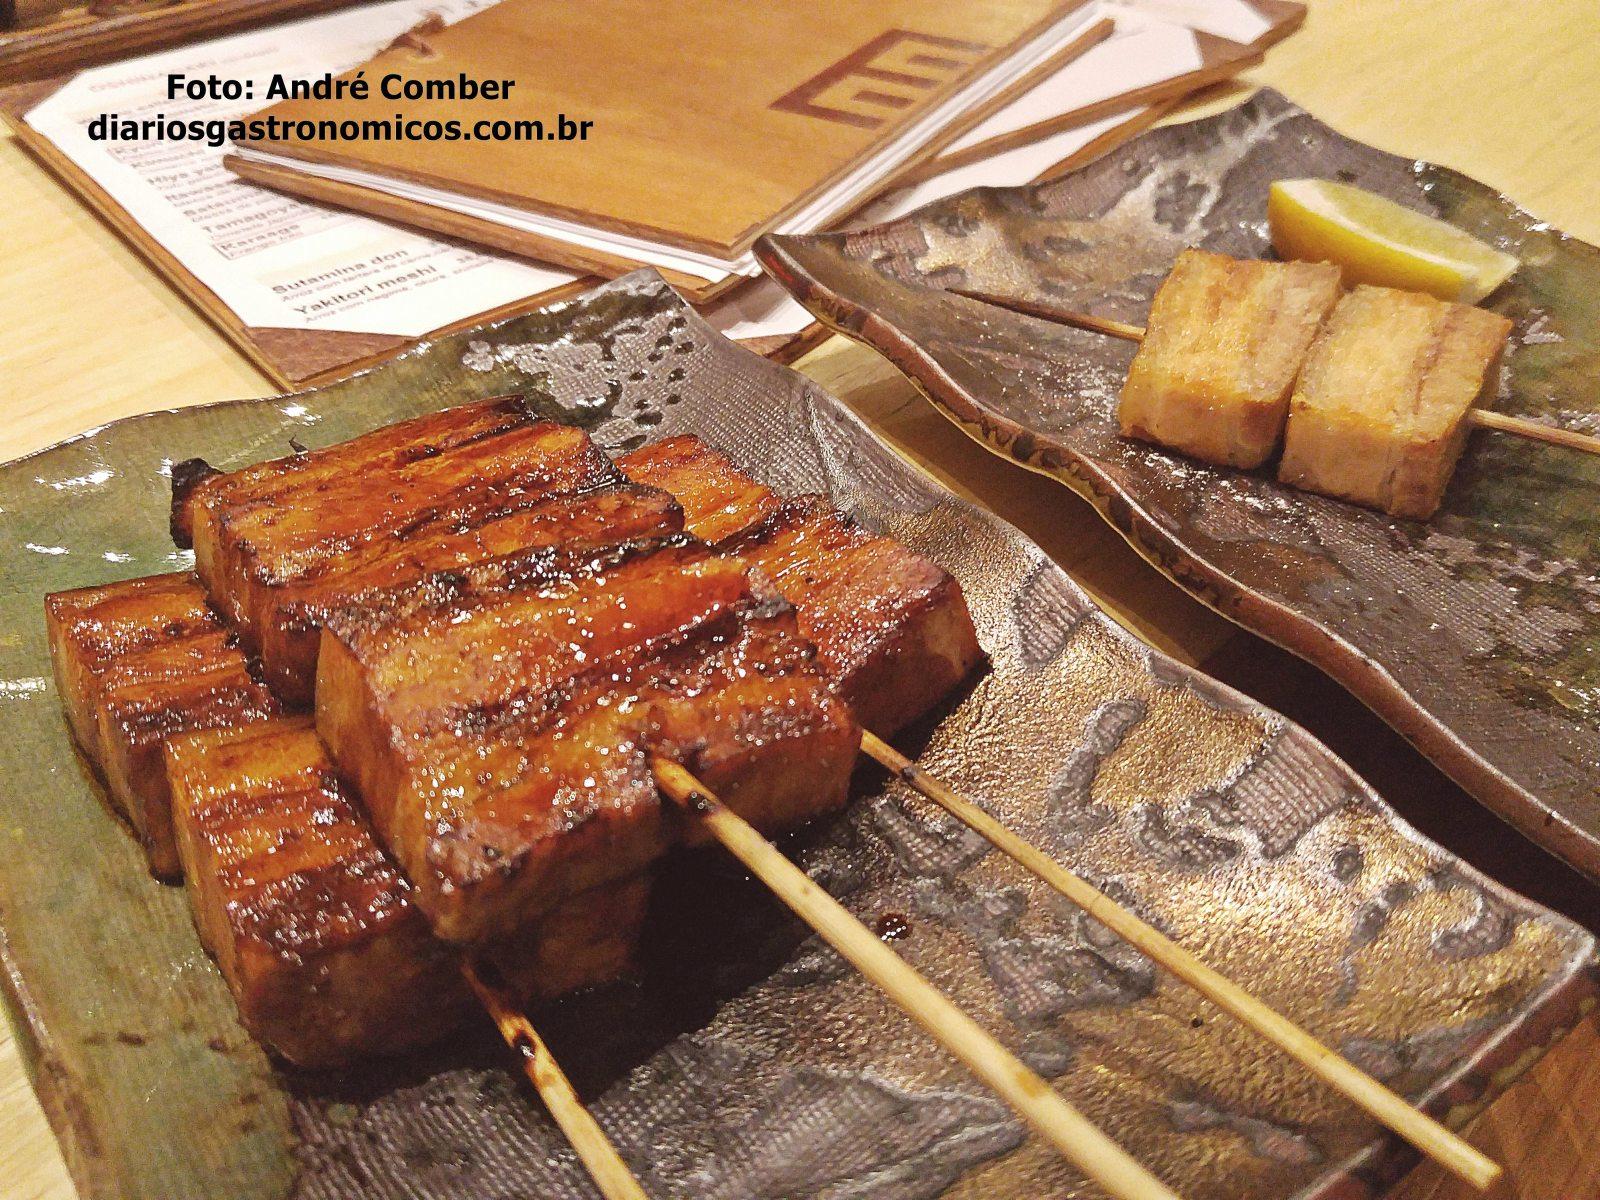 yorimichi-izakaya-barriga-de-porco